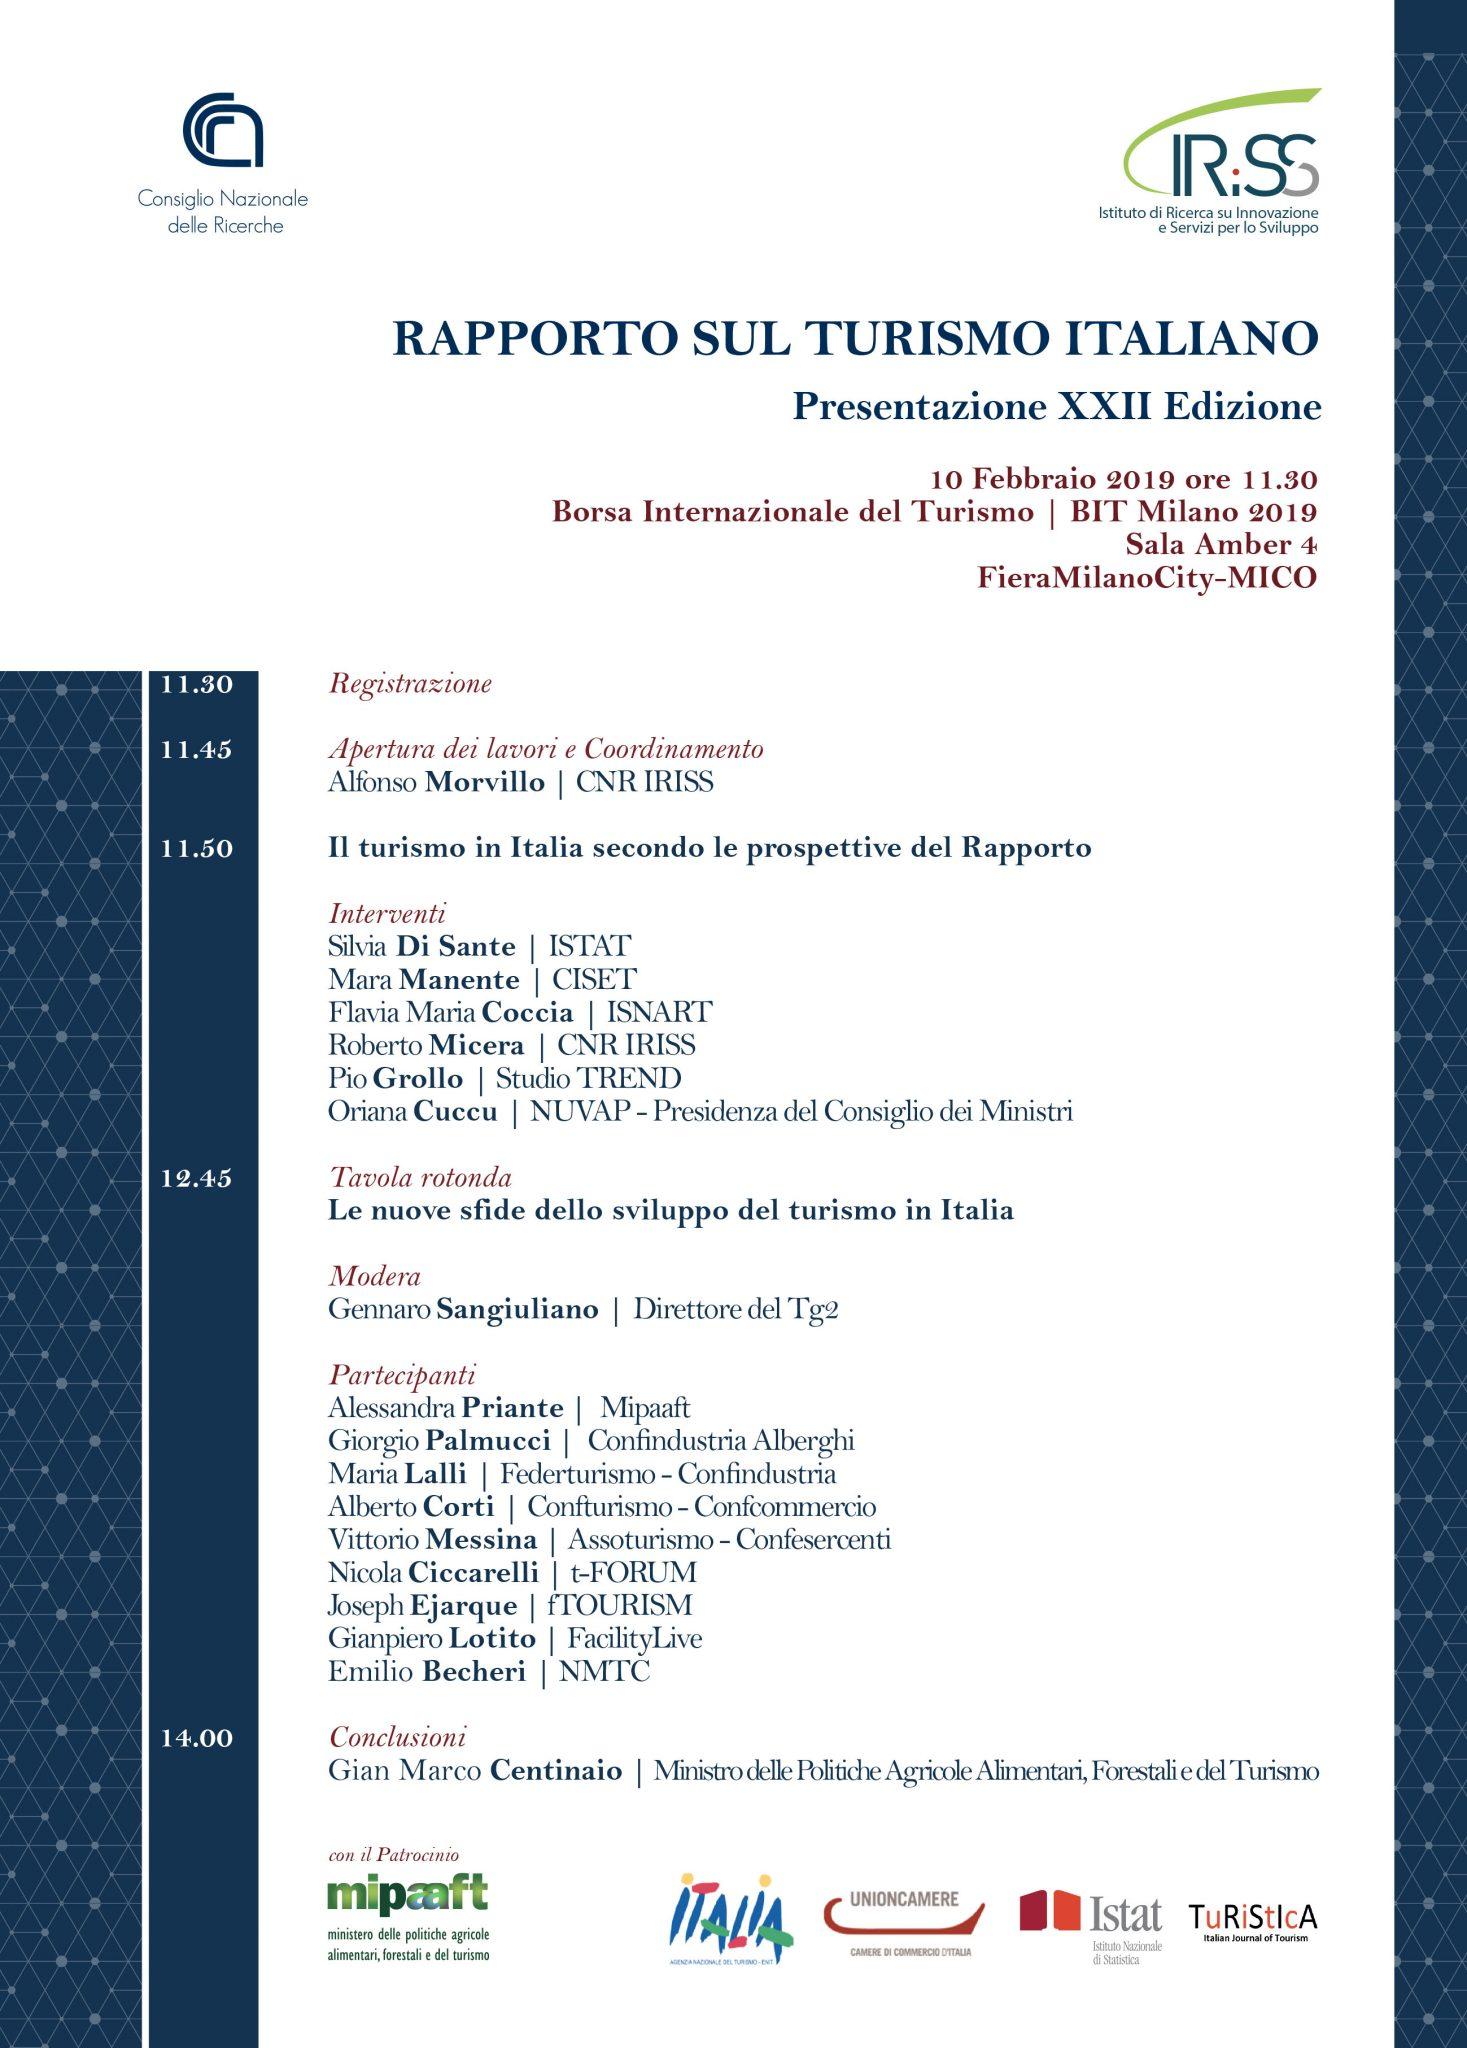 Presentazione del Rapporto sul Turismo Italiano (XXII EDIZIONE - 2017/2018)